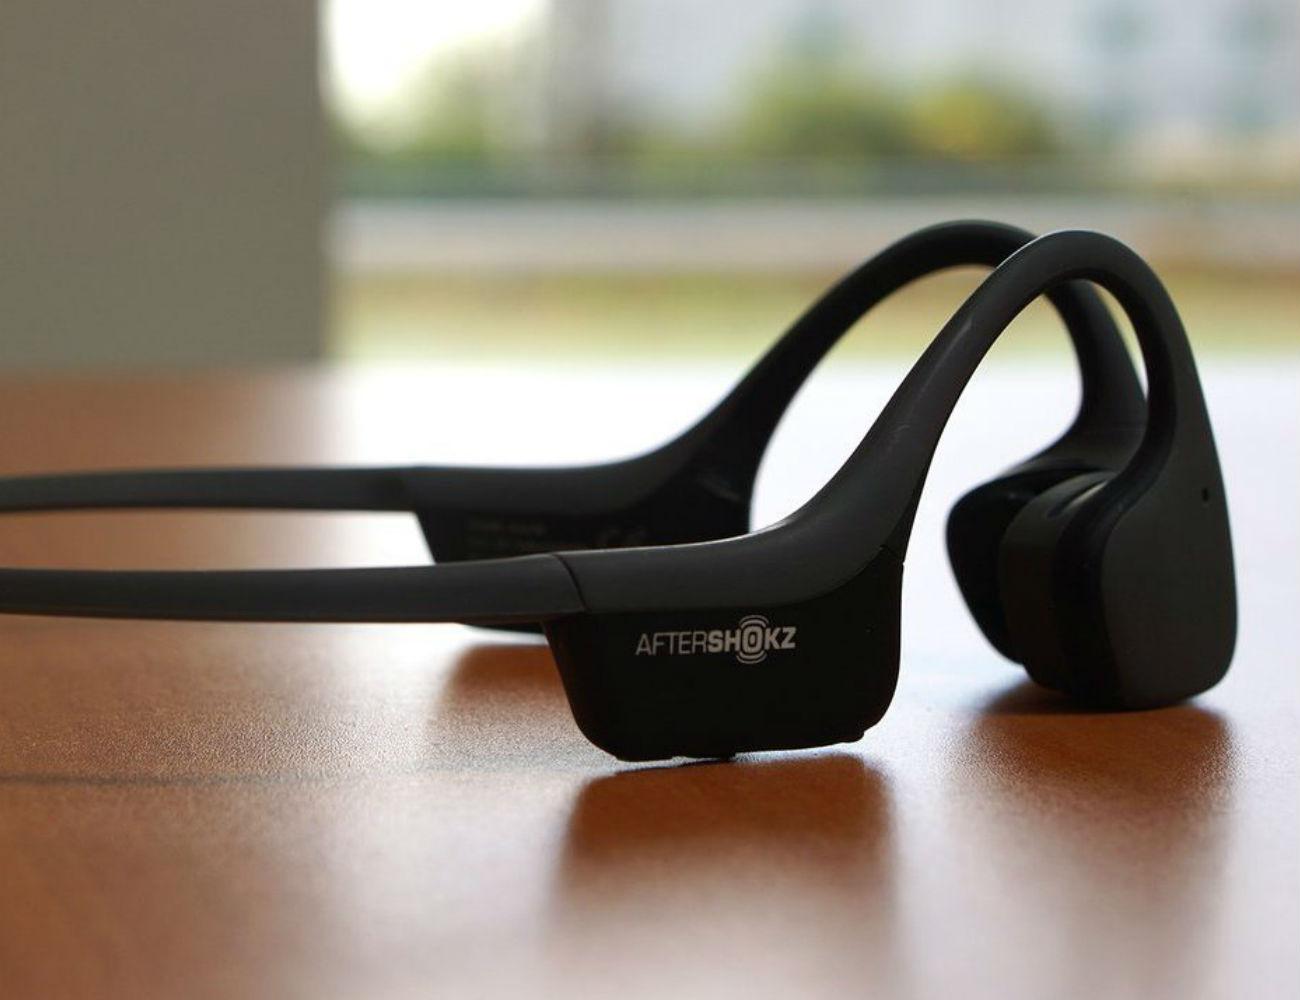 Aftershokz Xtrainerz Waterproof Bone-Conducting Headphones